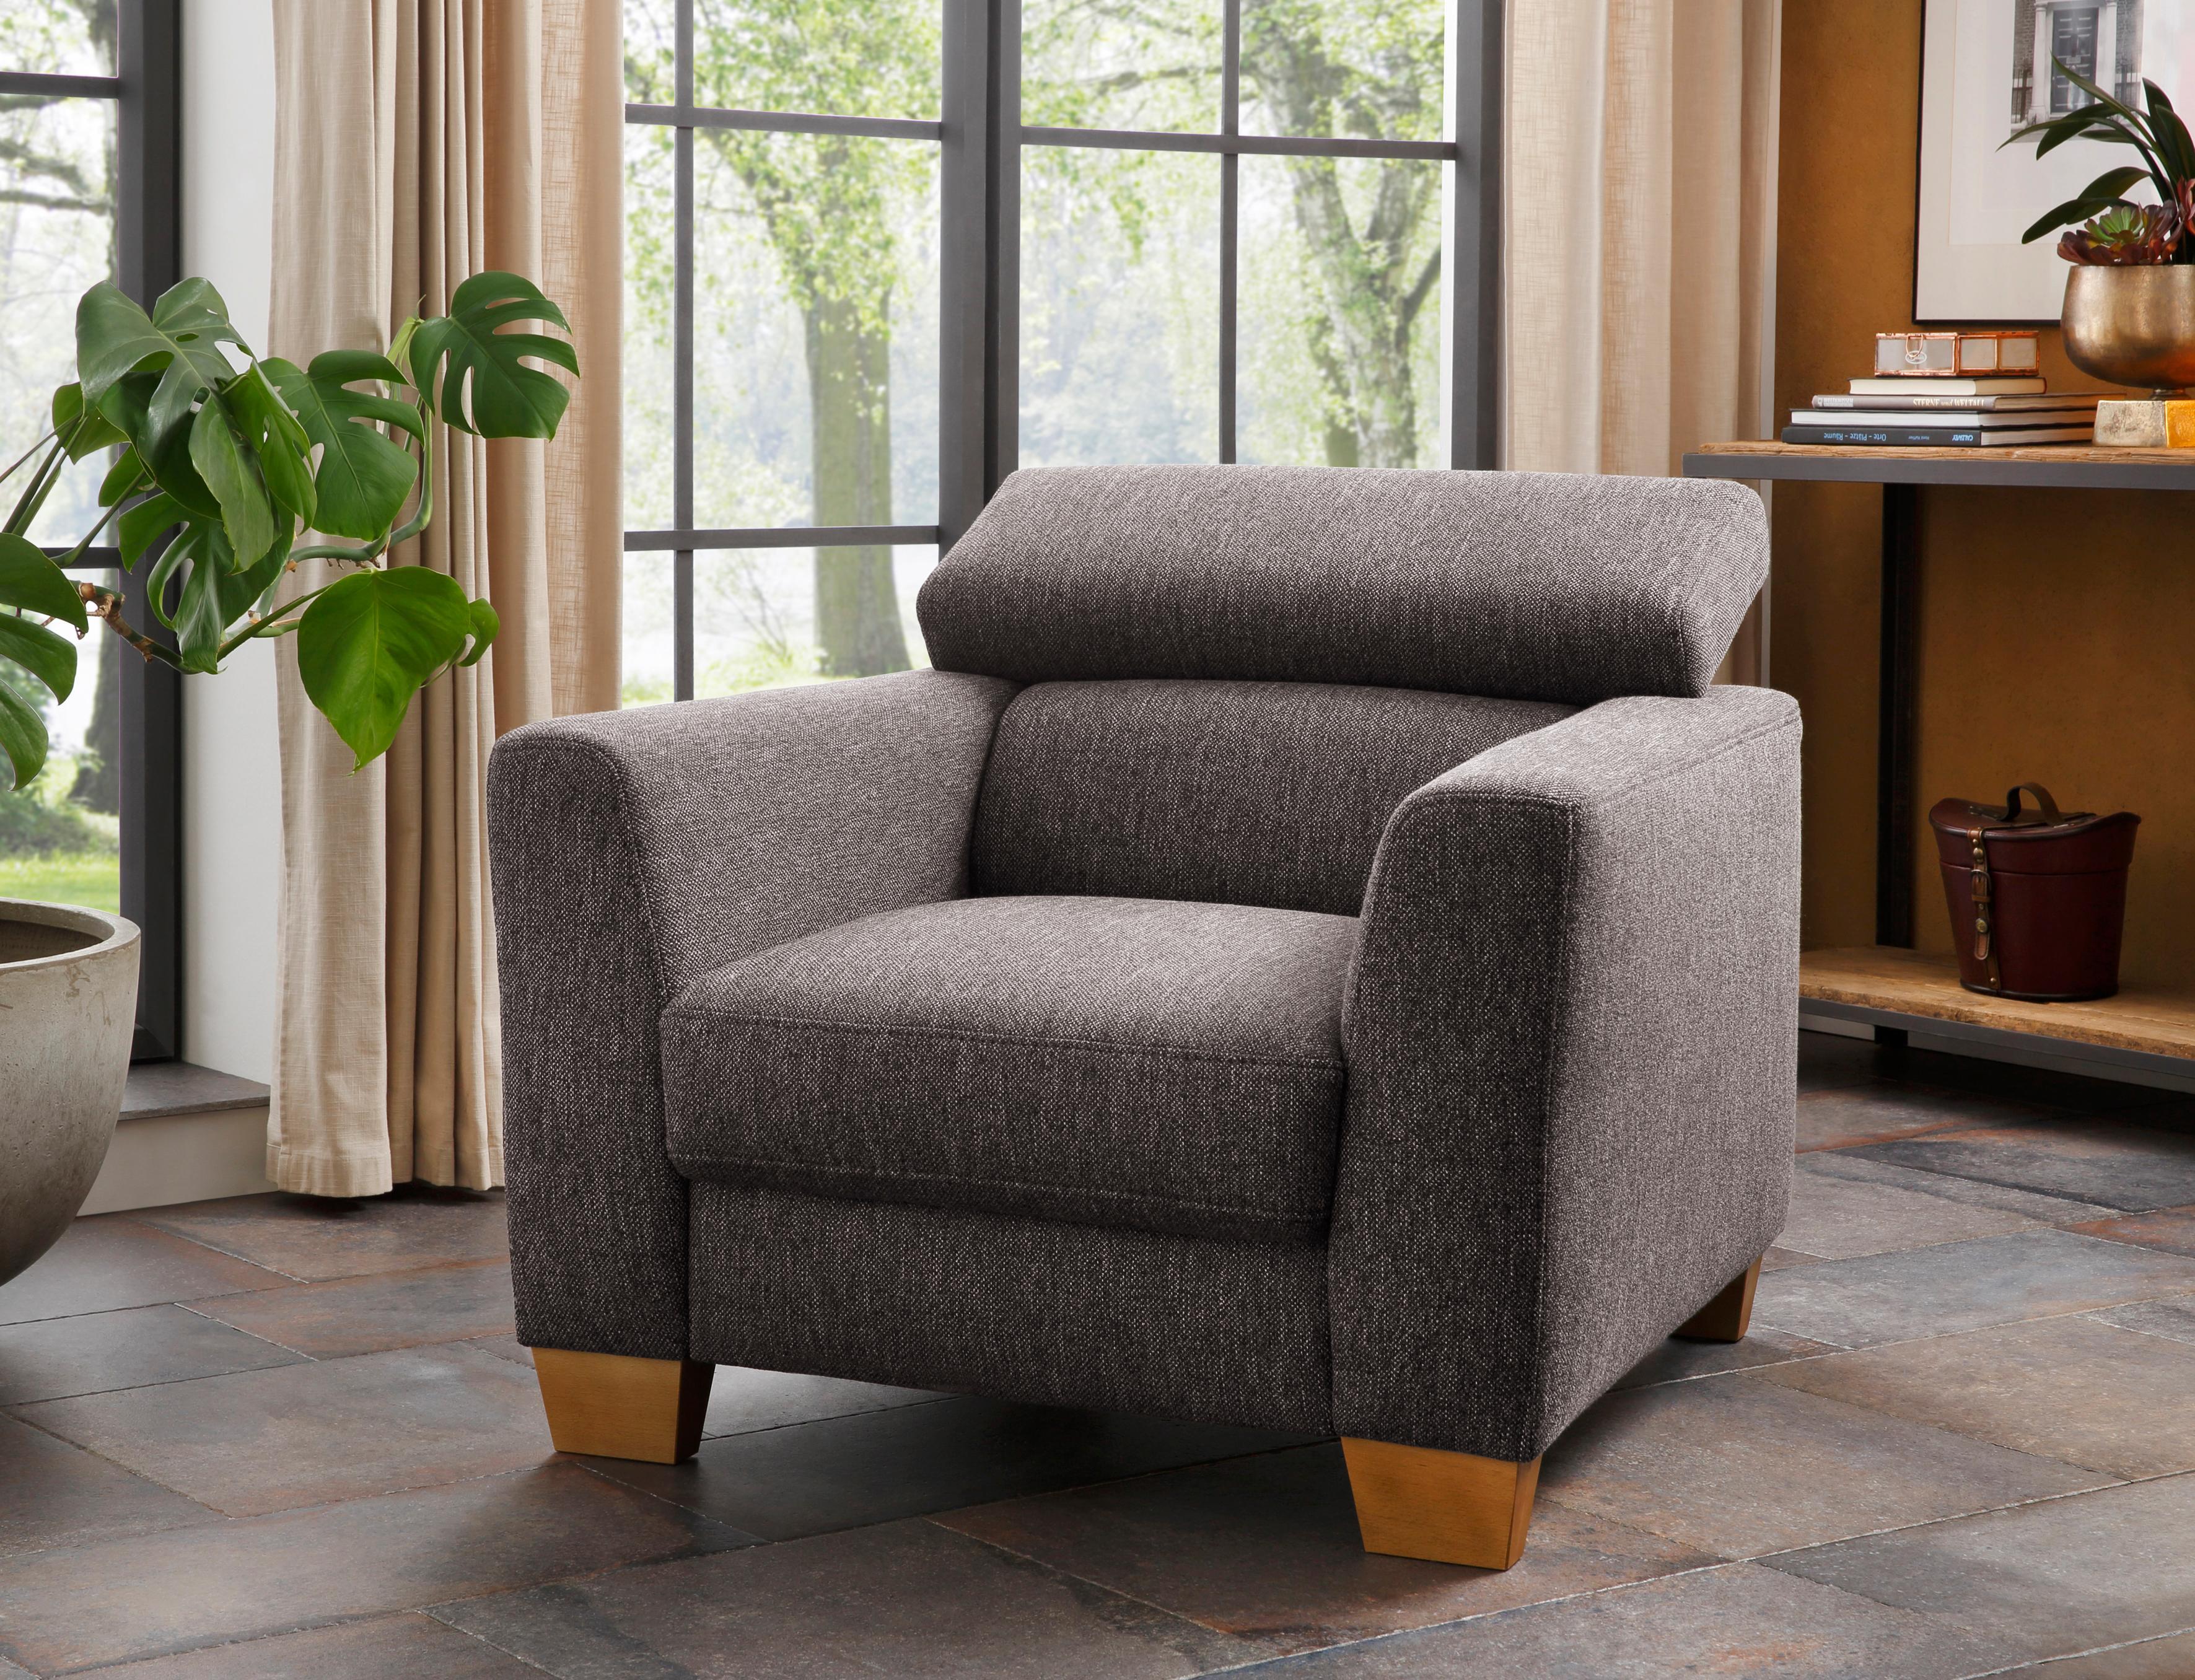 Home affaire Sessel Steve Luxus mit besonders hochwertiger Polsterung für bis zu 140 kg pro Sitzfläche